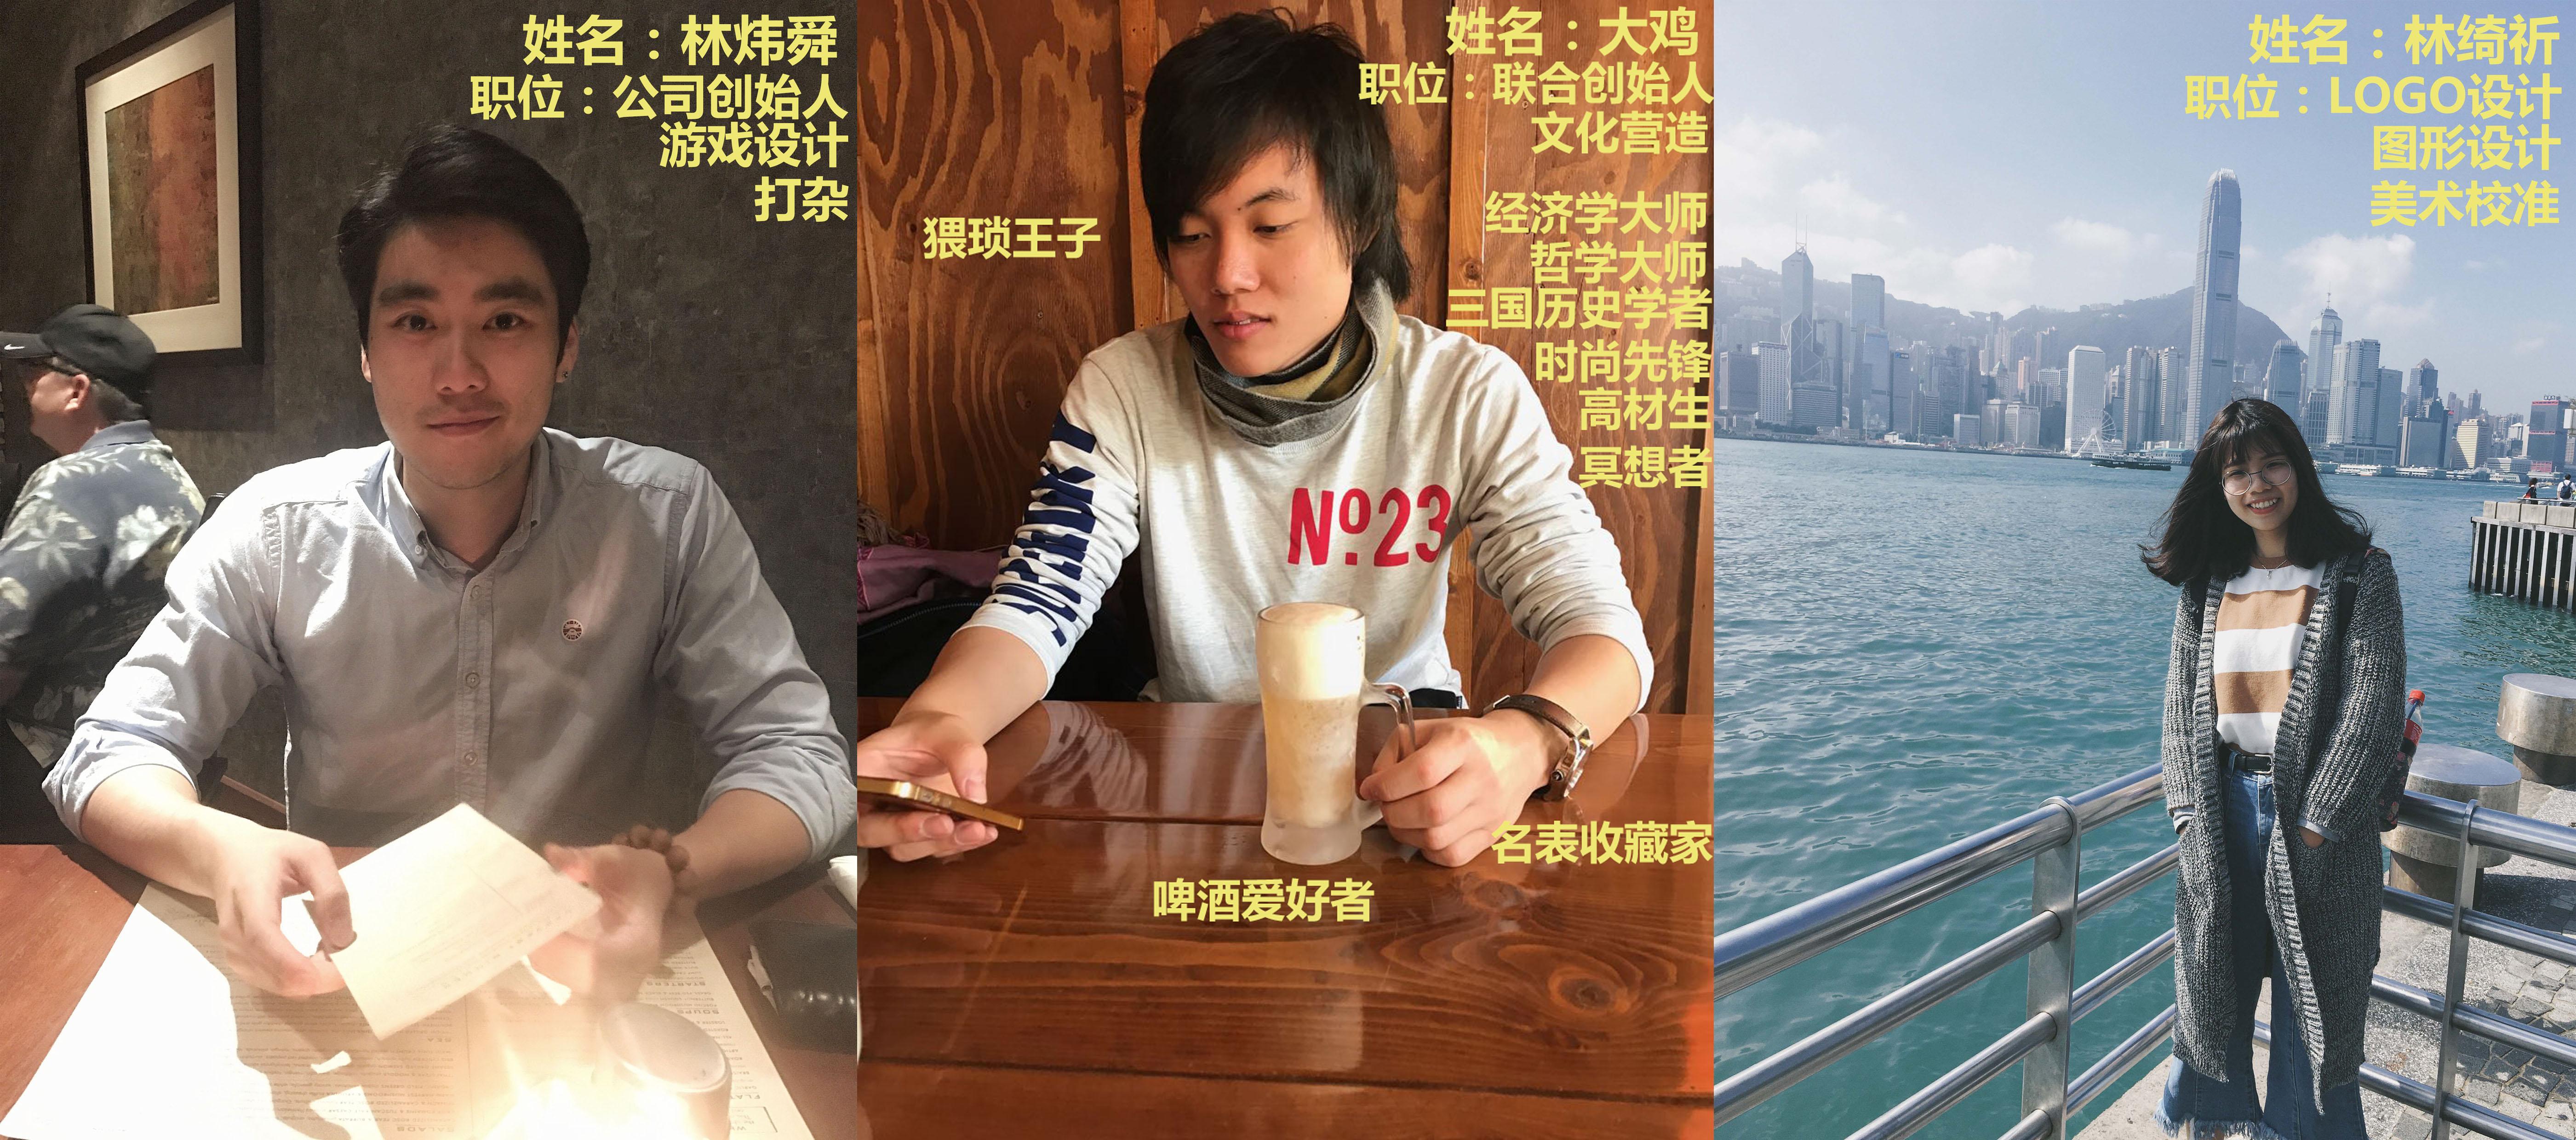 WeChat Image_20171107232441.jpg